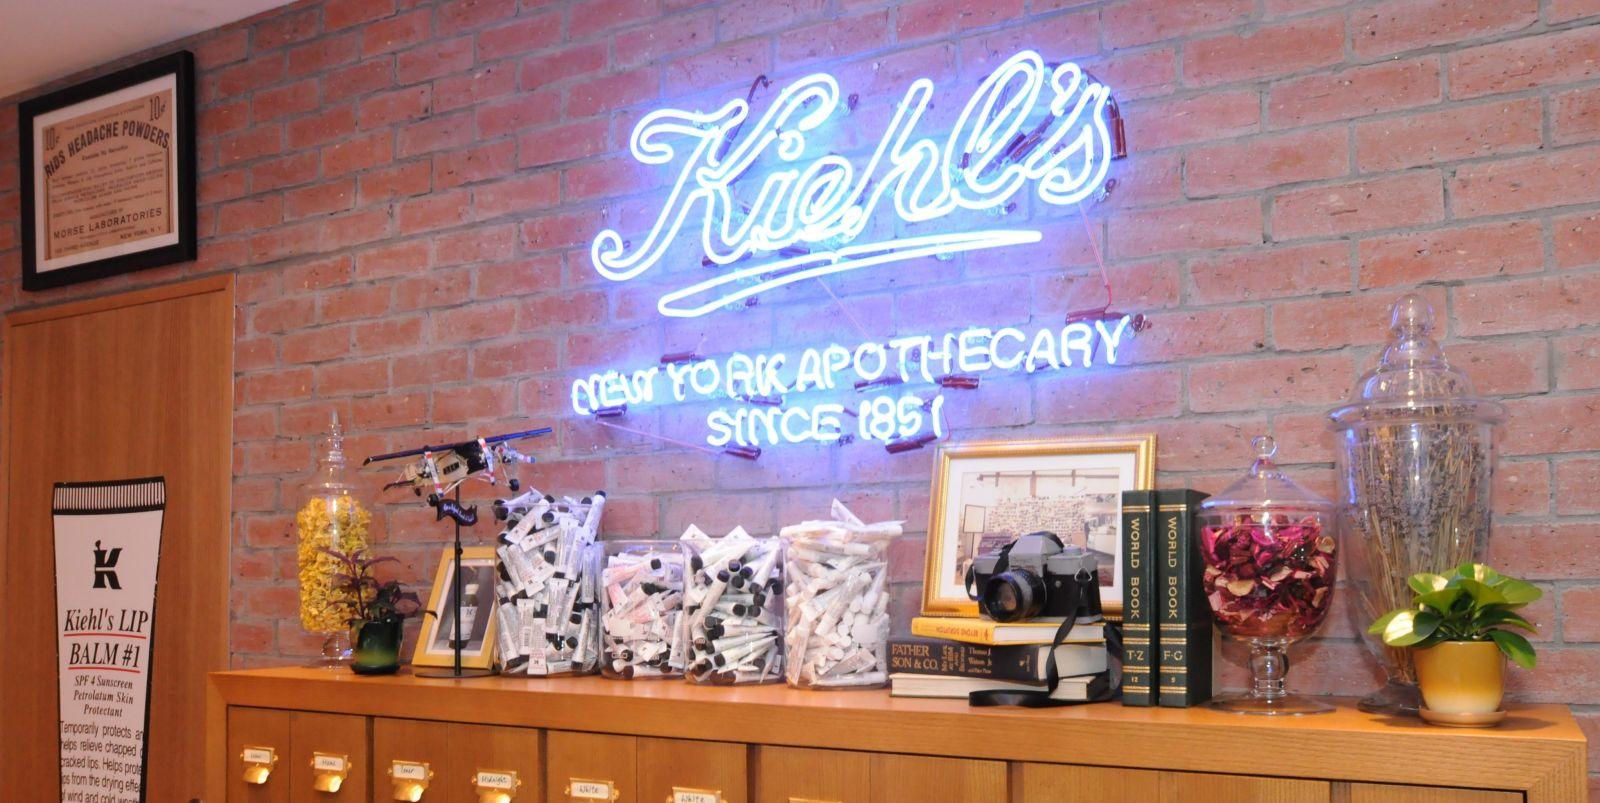 Kiehl's Retail Store